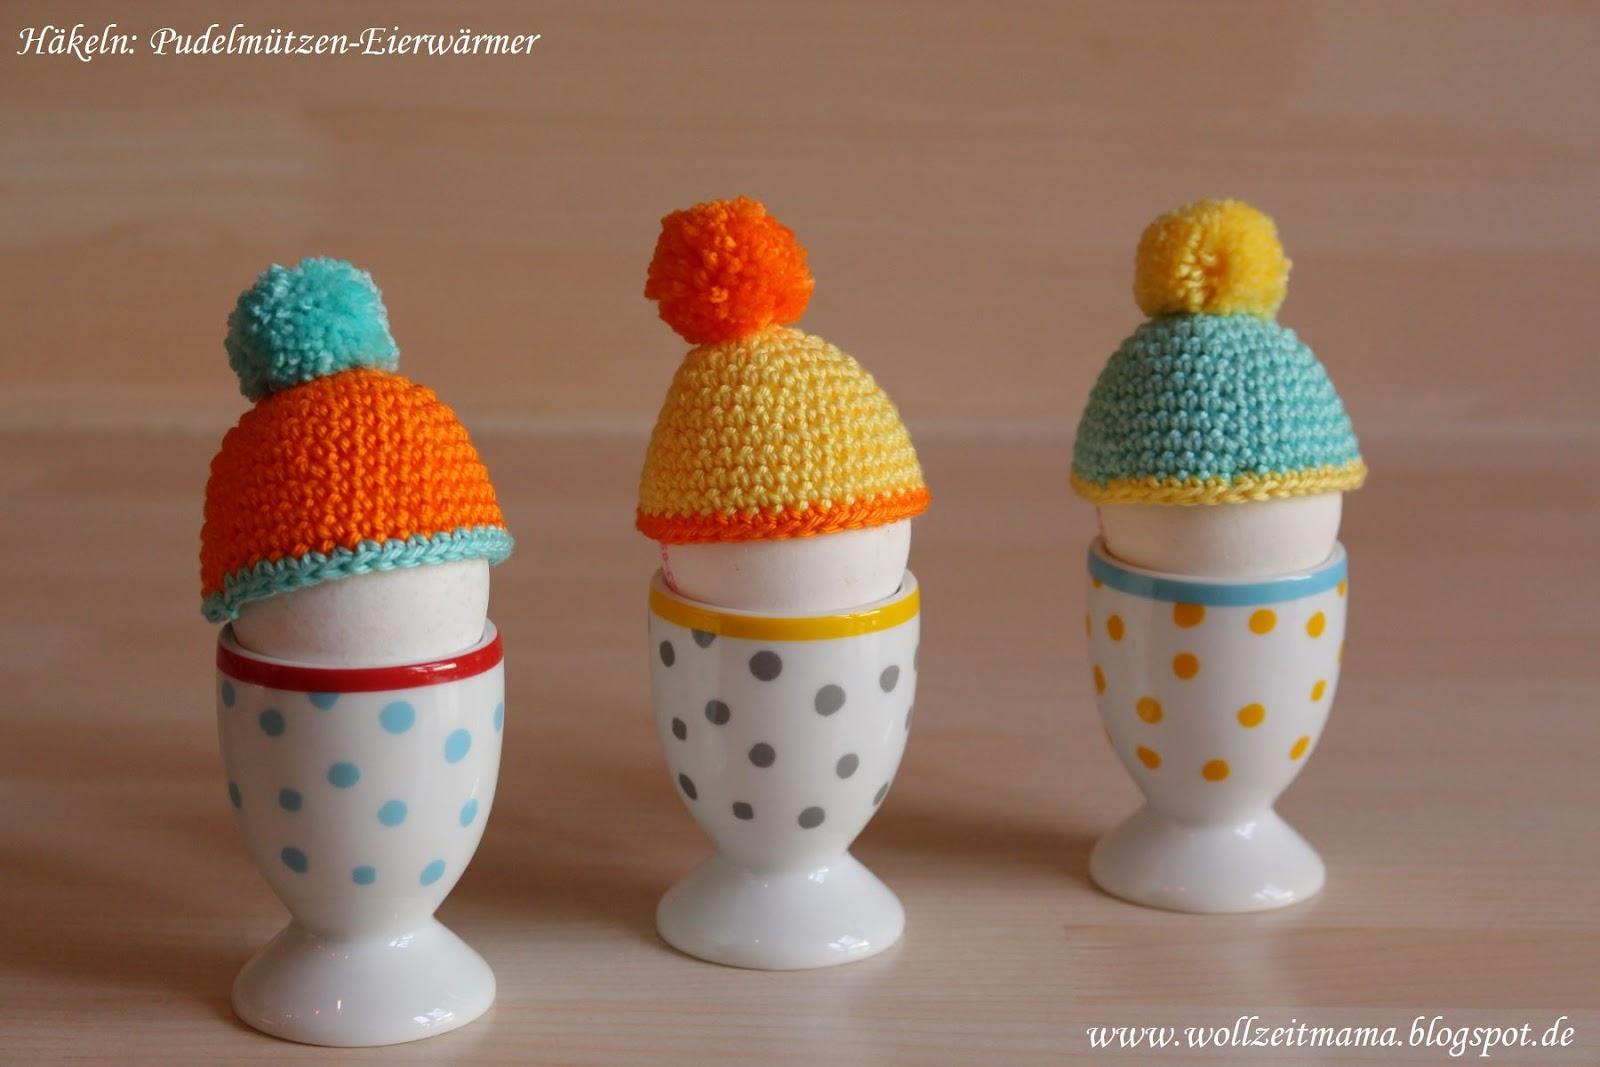 Wollzeitmama Mini Pudelmützen Als Eierwärmer Häkeln